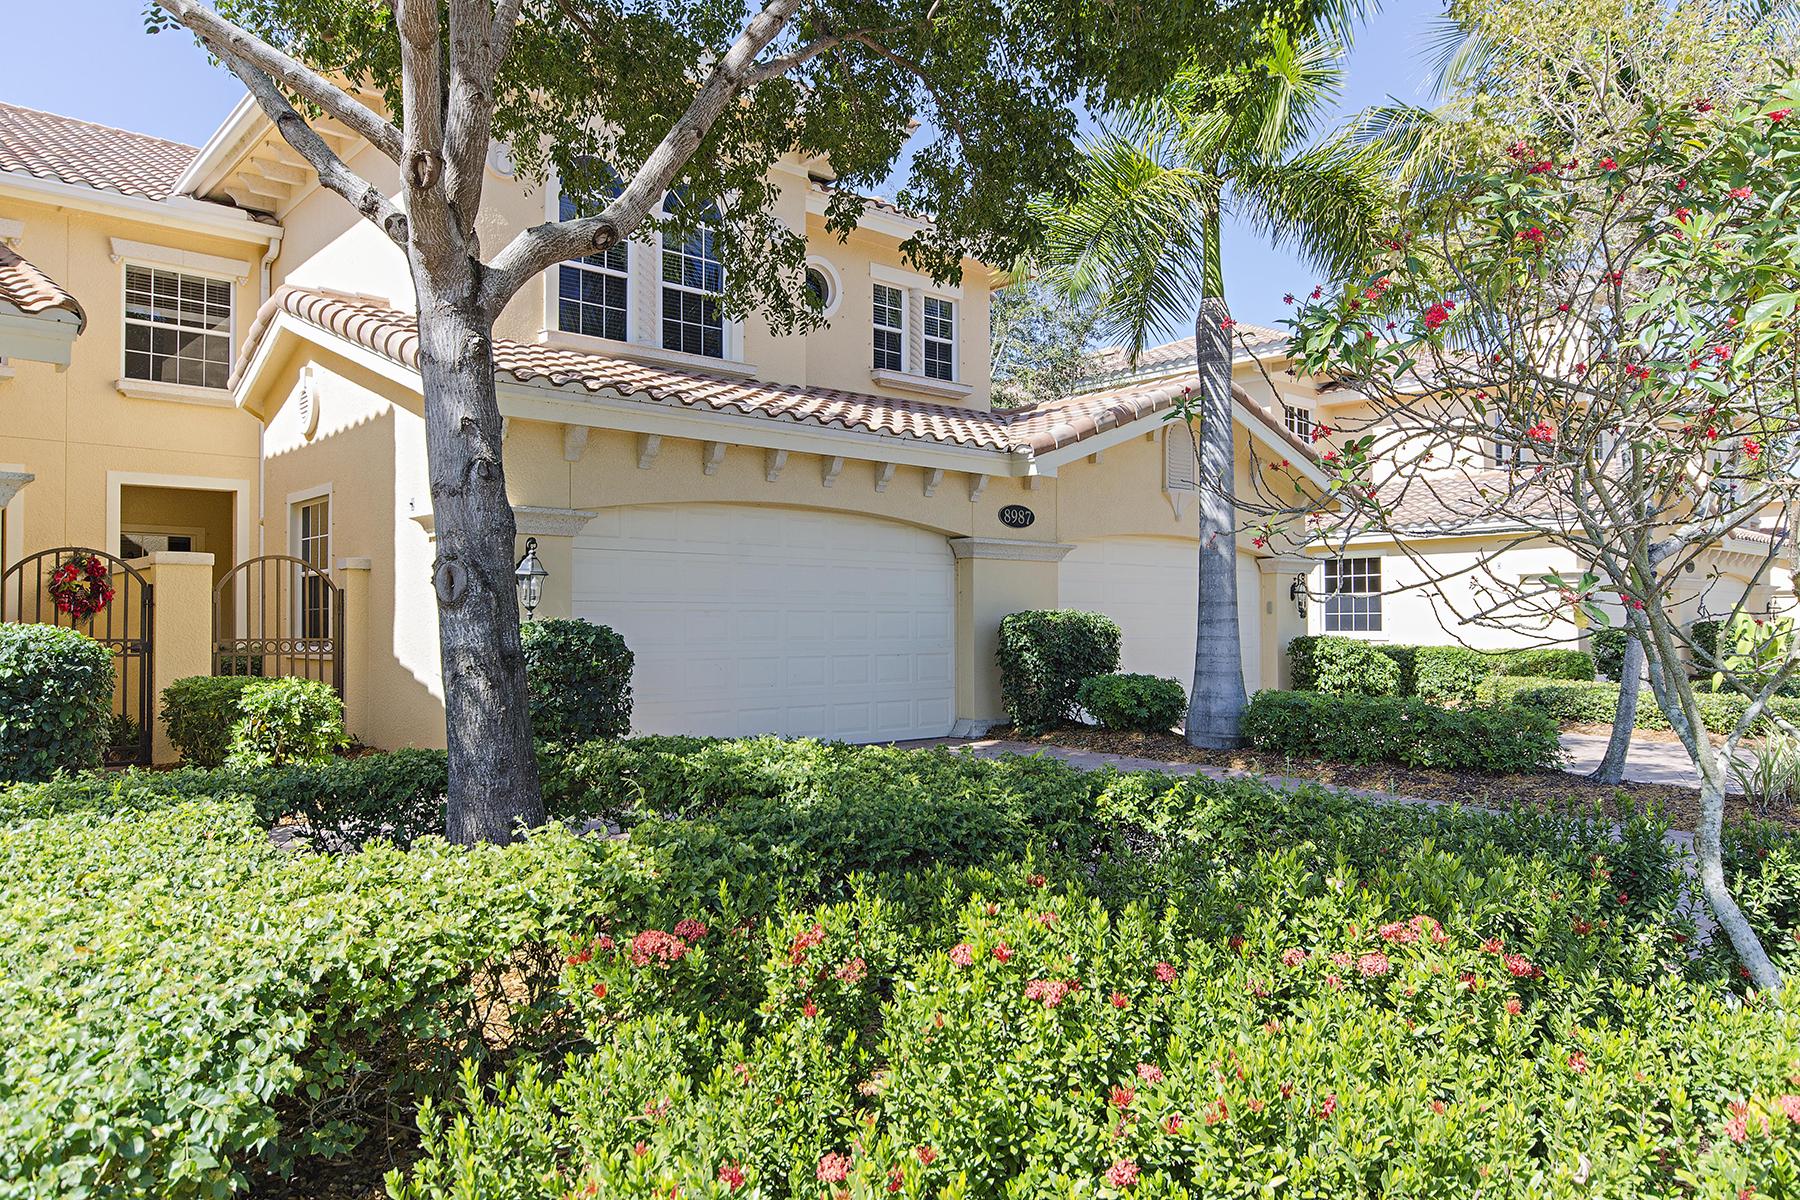 Nhà chung cư vì Bán tại FIDDLER'S CREEK - CHERRY OAKS 8987 Cherry Oaks Trl 102 Naples, Florida 34114 Hoa Kỳ